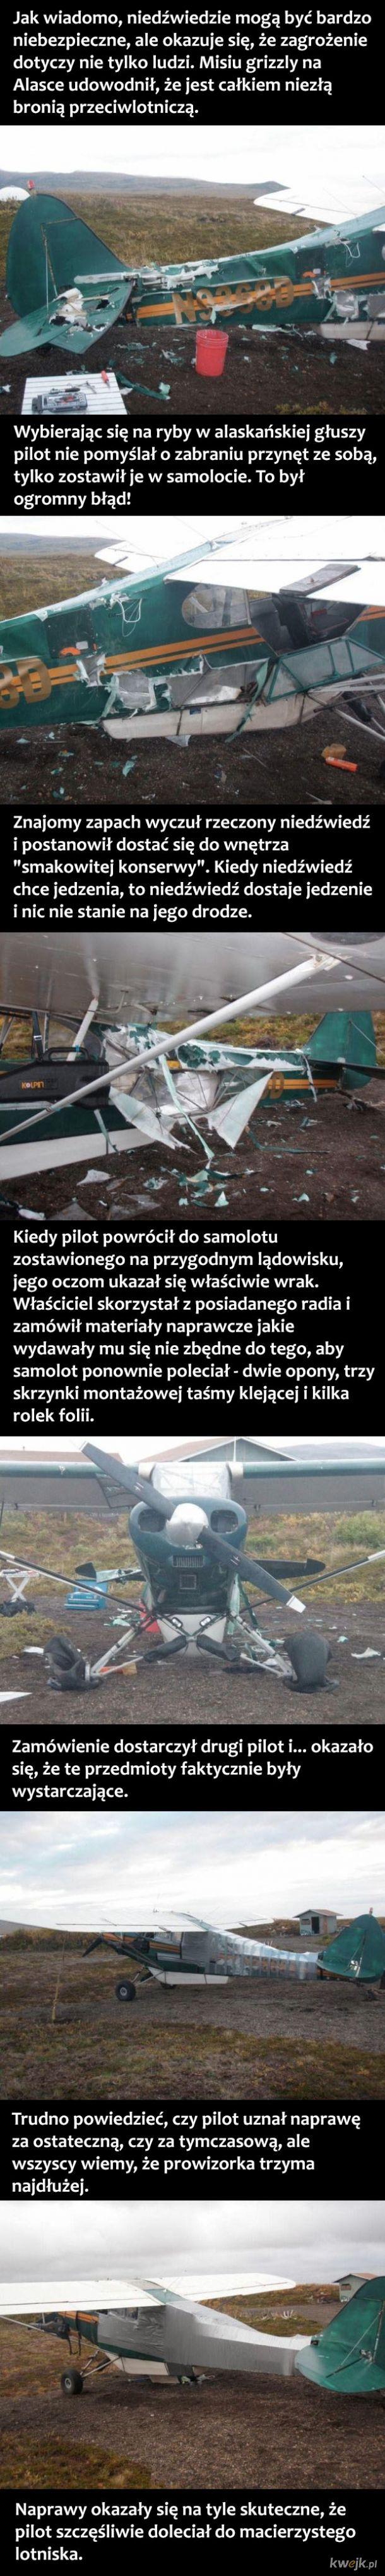 Taśma klejąca ratuje samolot zniszczony przez niedźwiedzia